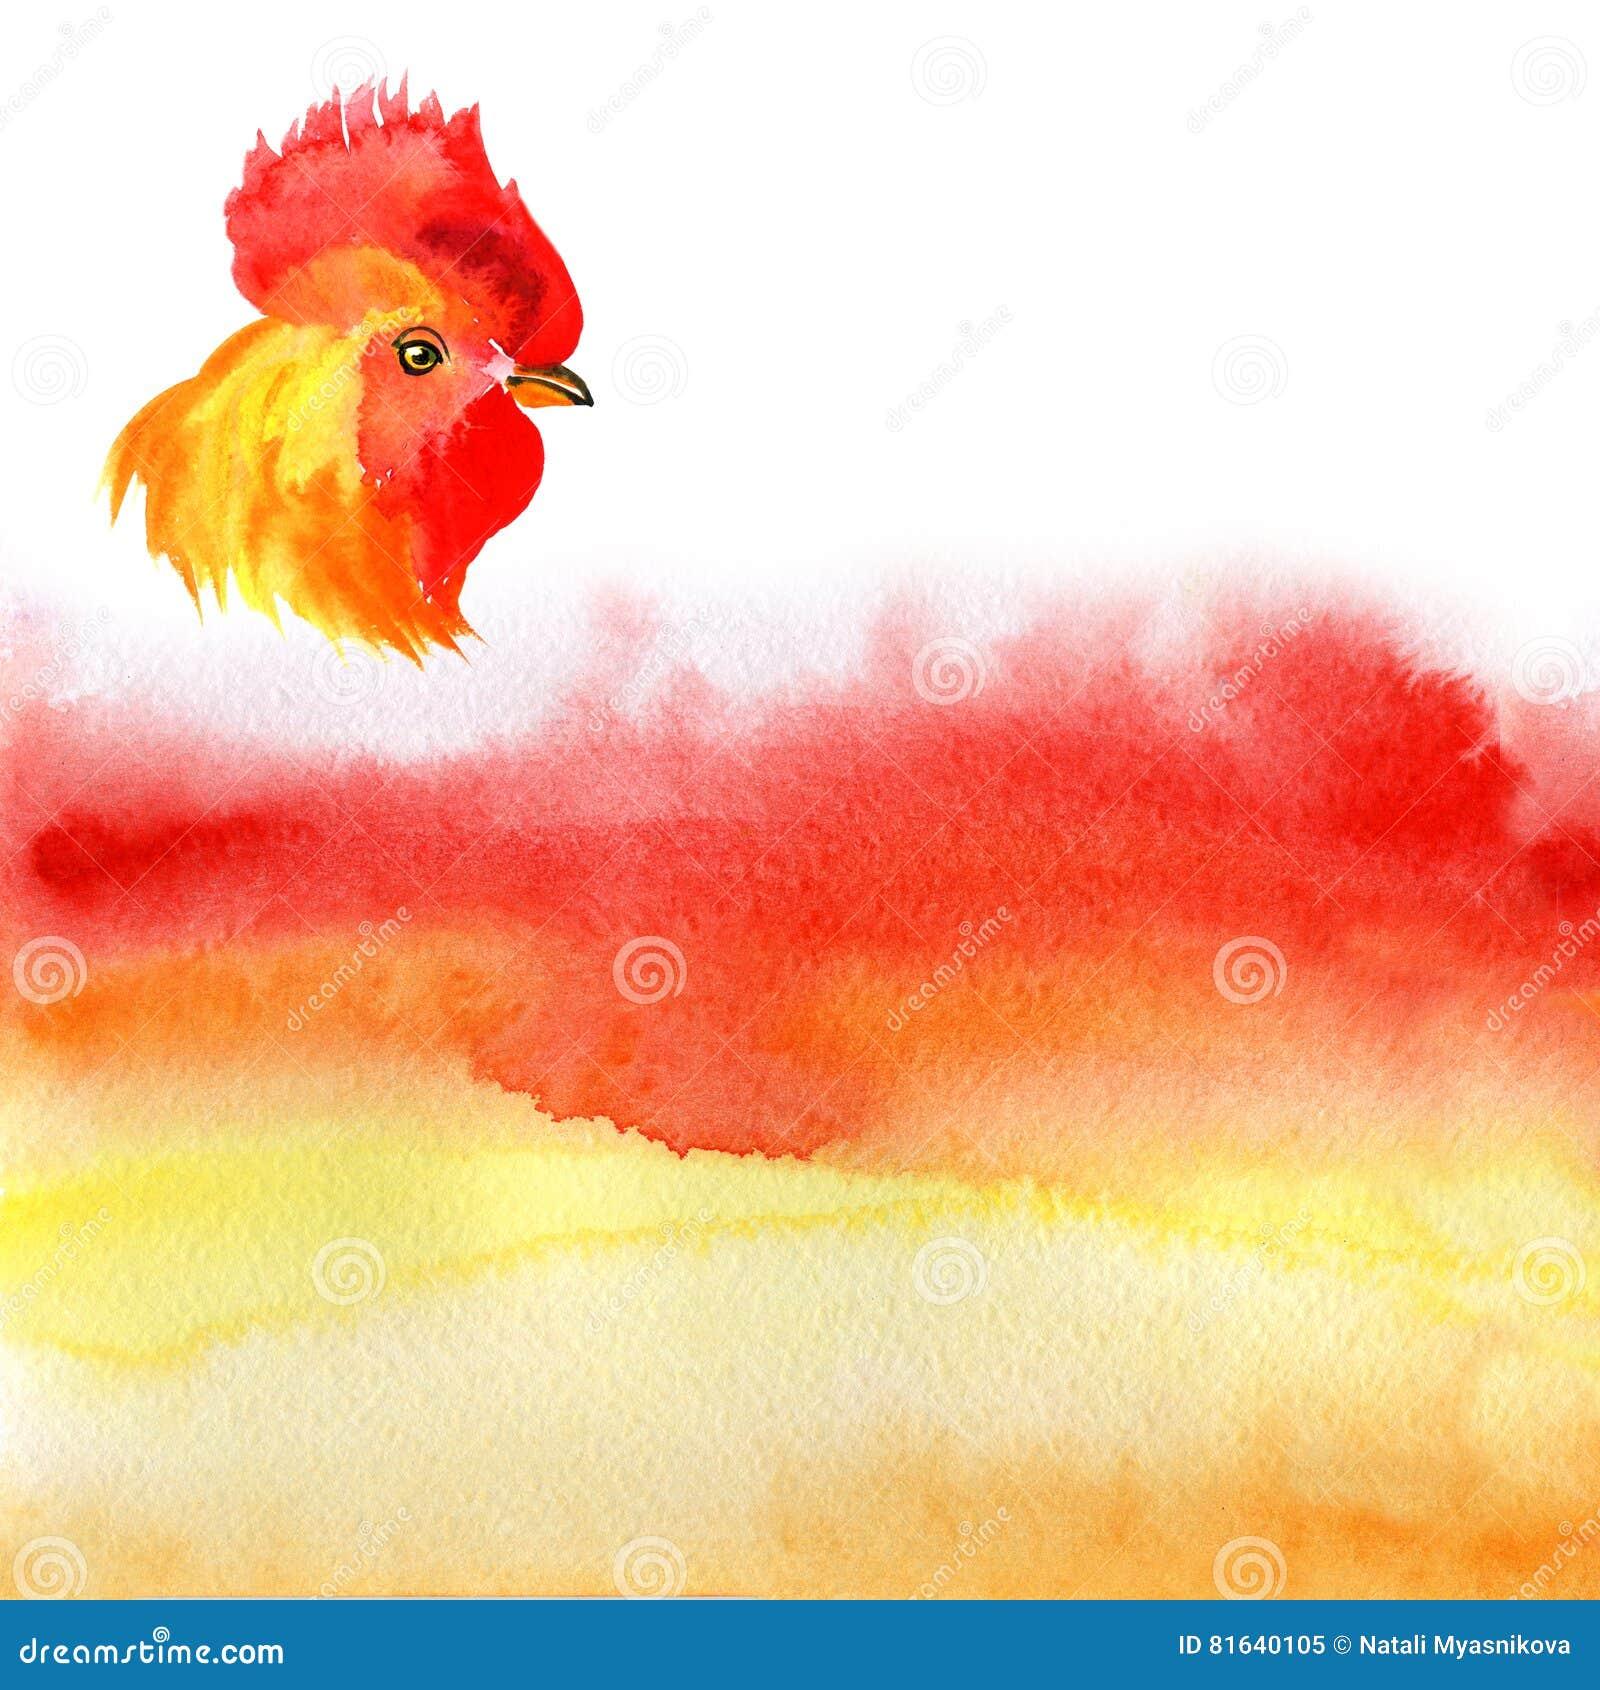 Design Karte des Chinesischen Neujahrsfests mit rotem Hahn, Tierkreissymbol von 2017, auf brennendem Hintergrund des Aquarells